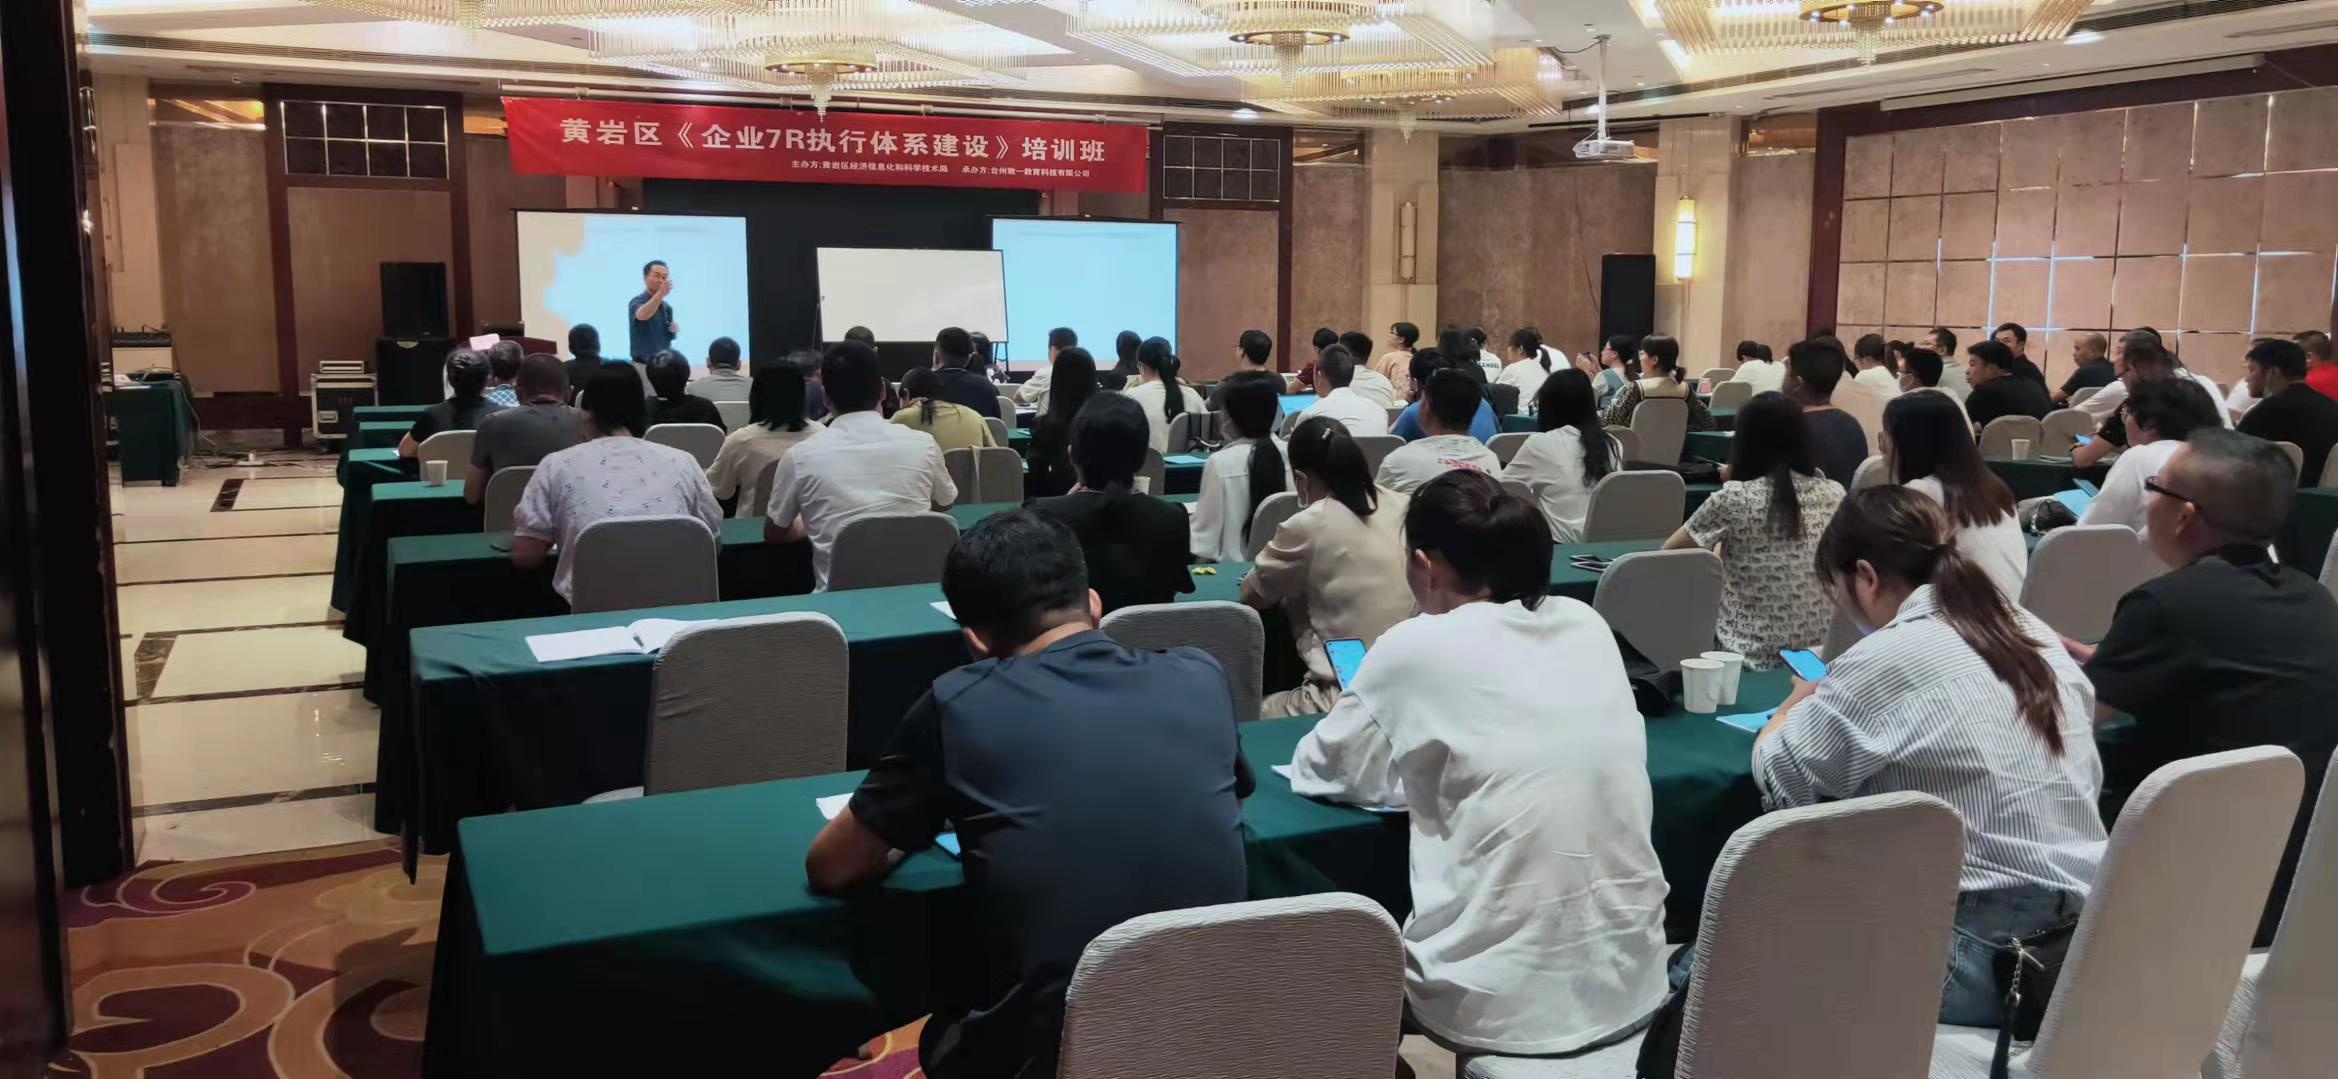 10月9号【青年干部成长导师—龙飞老师】受邀至台州市讲授《领导力》公开课课程完美交付!